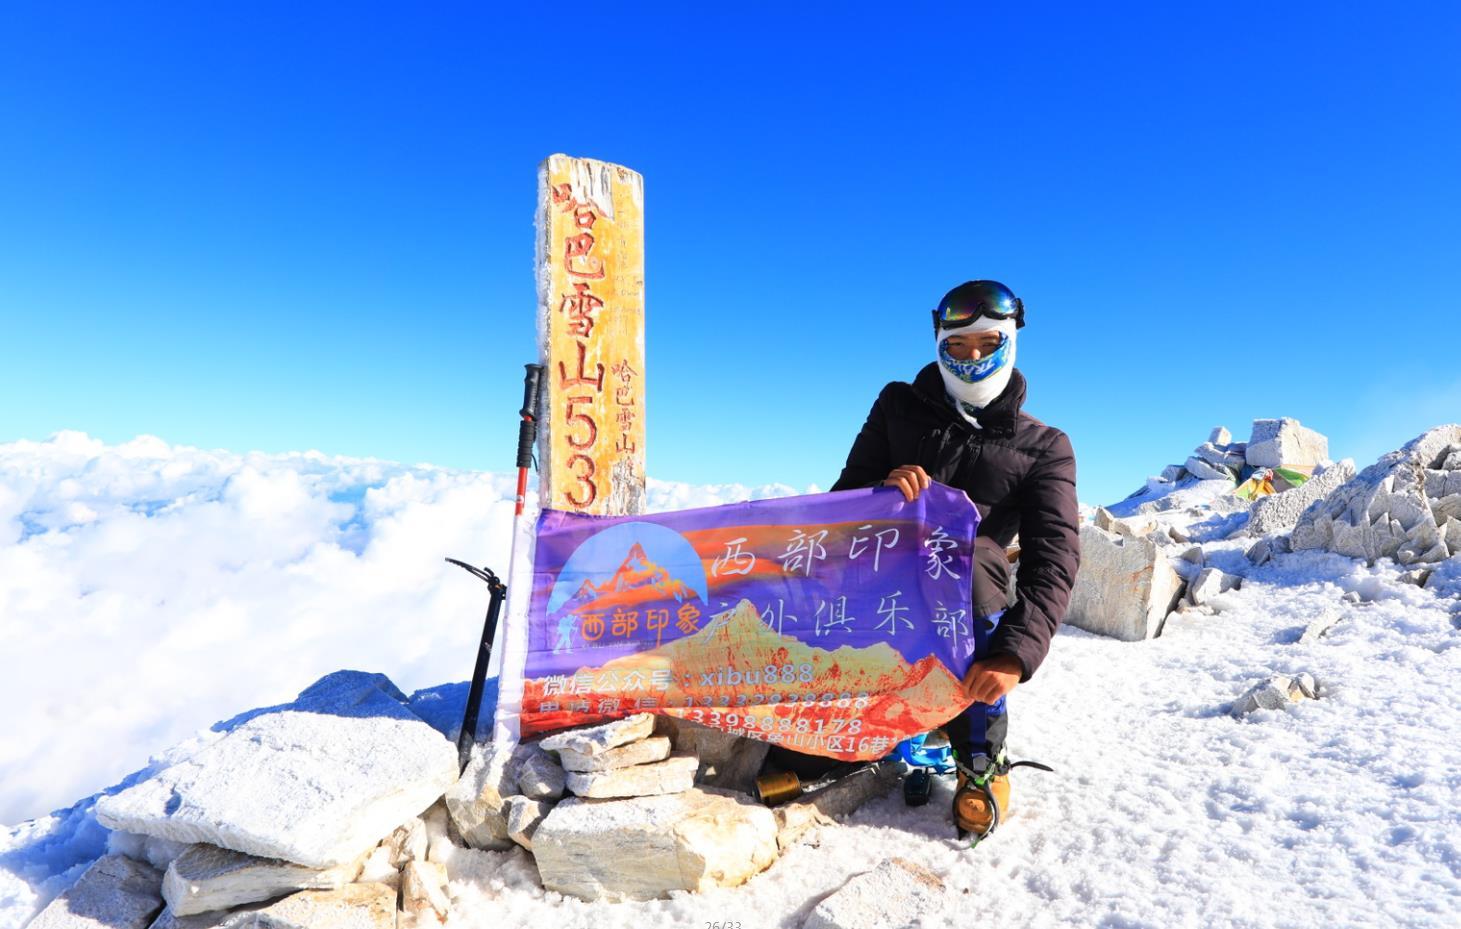 哈巴雪山登山服务协议